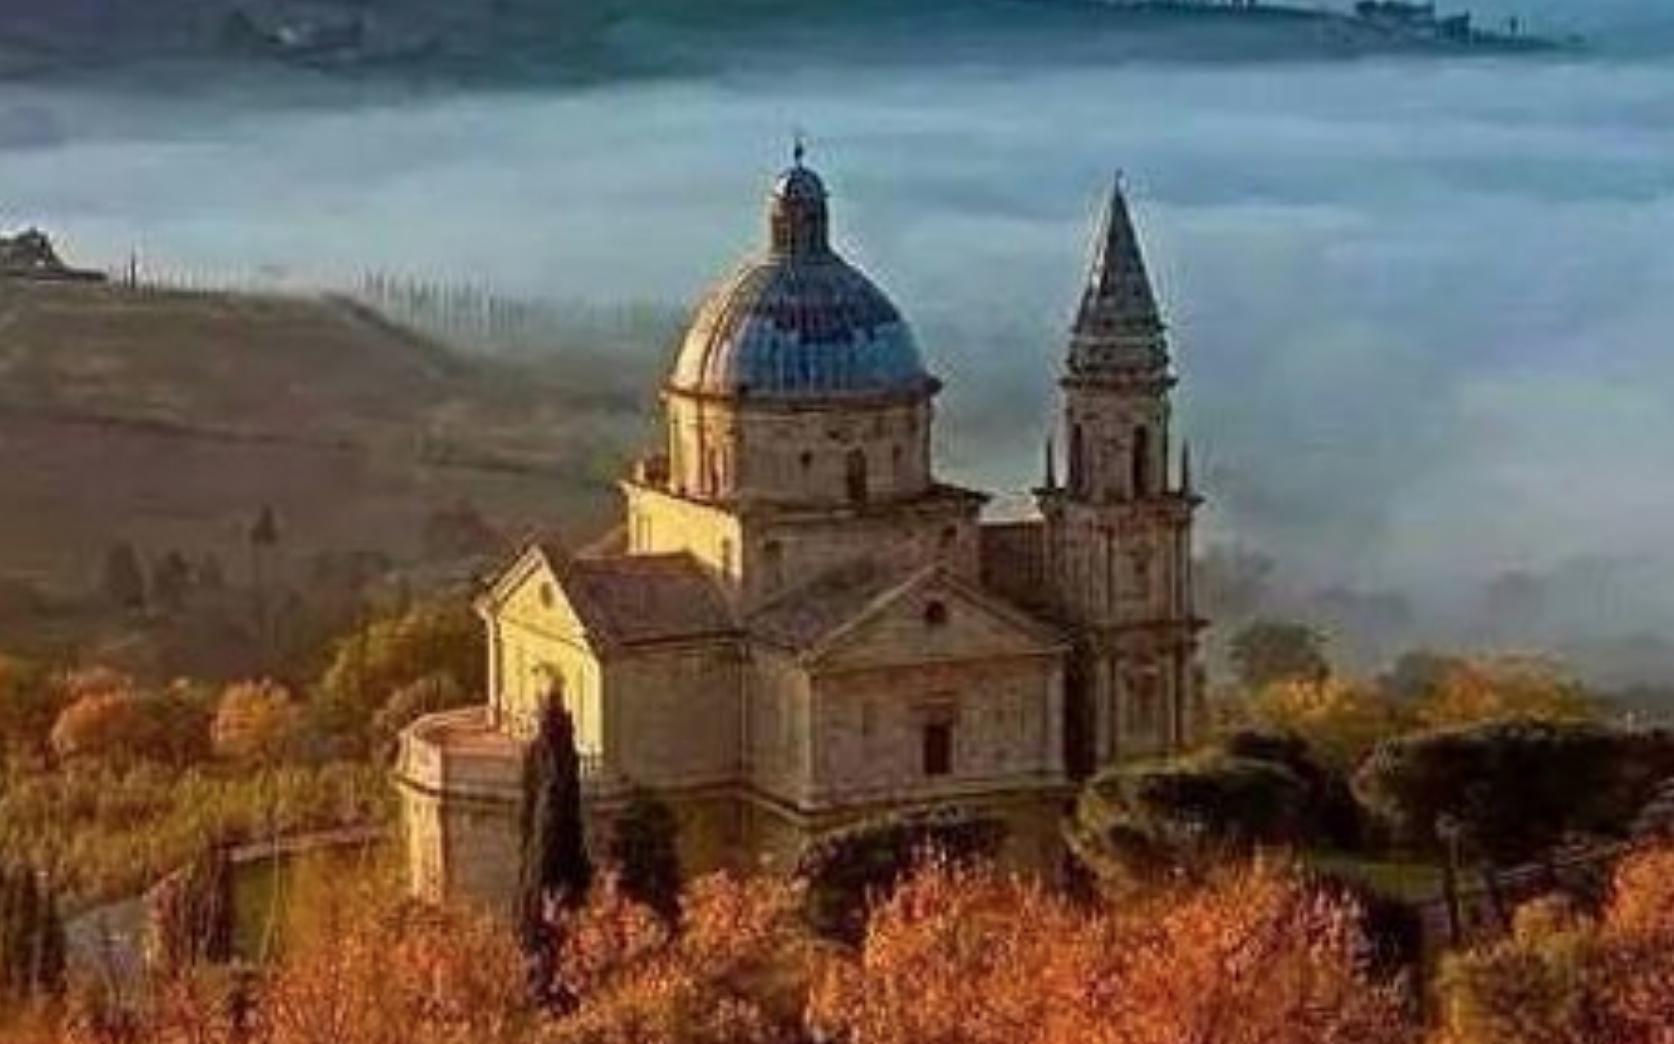 Perla del Rinascimento. Il 13 giugno riapre il Tempio di San Biagio a Montepulciano